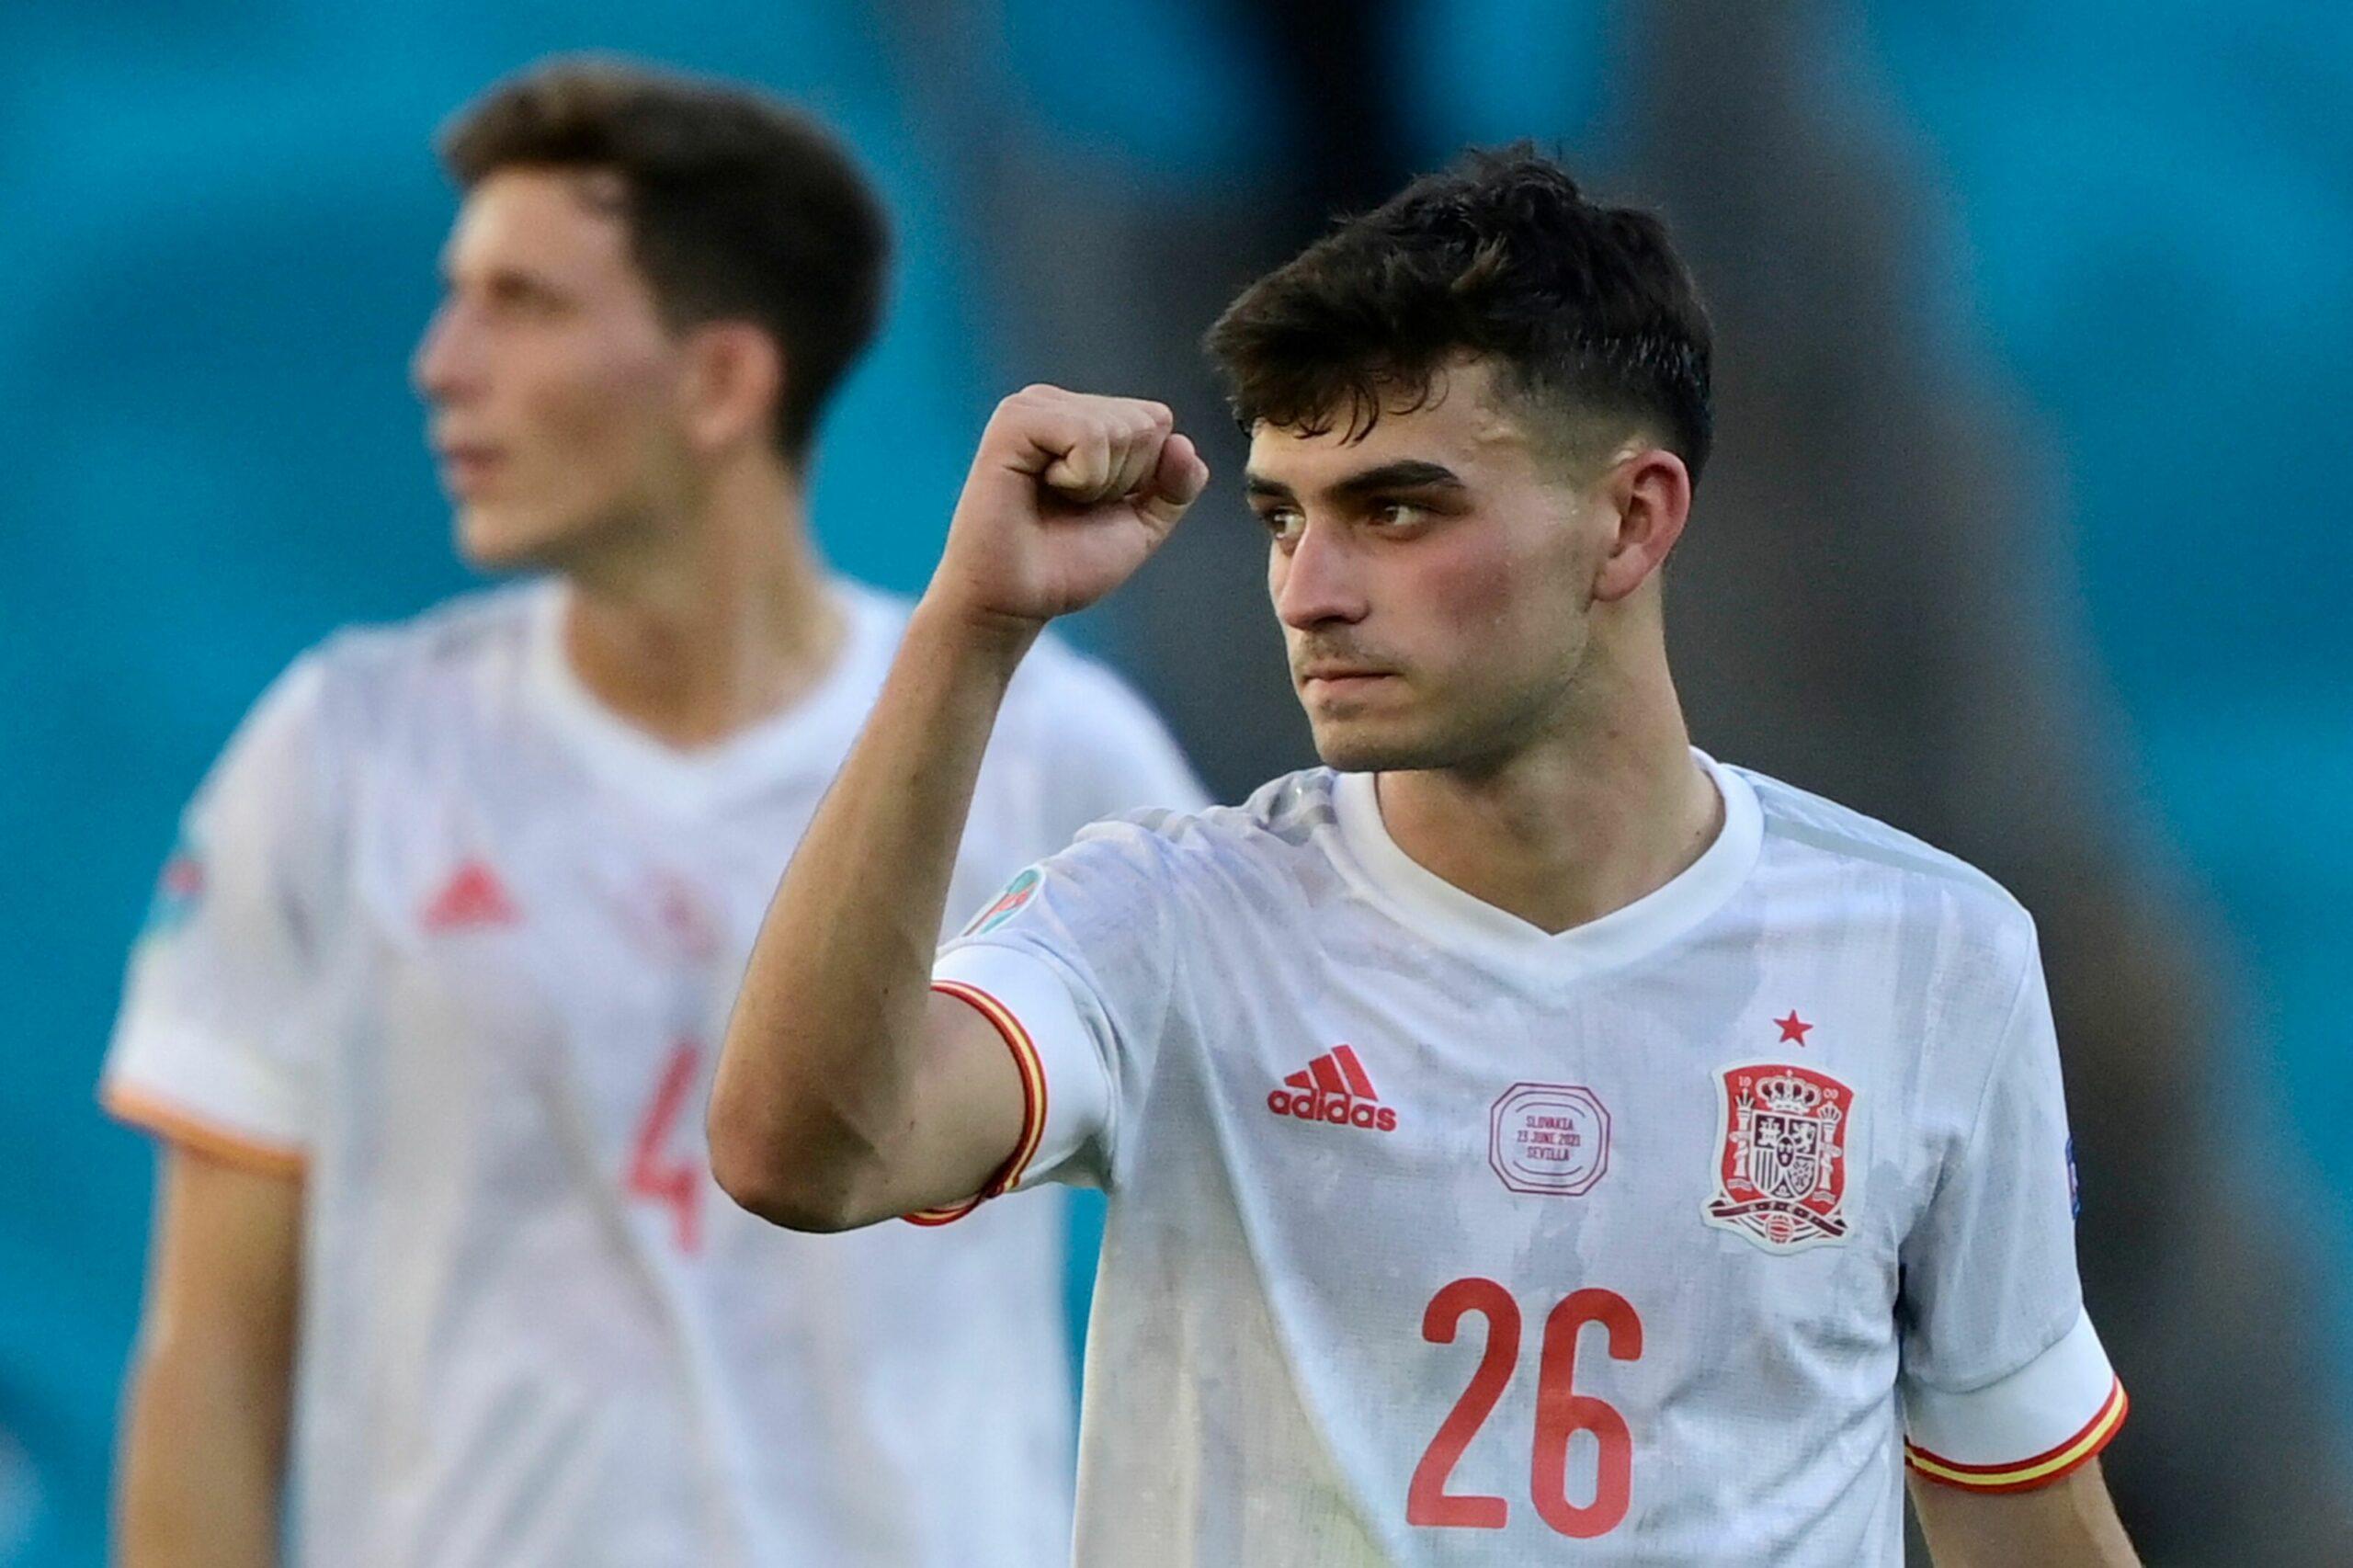 Trong mùa giải Euro 2020 hè qua, Pedri đã được bình chọn là cầu thủ trẻ xuất sắc nhất